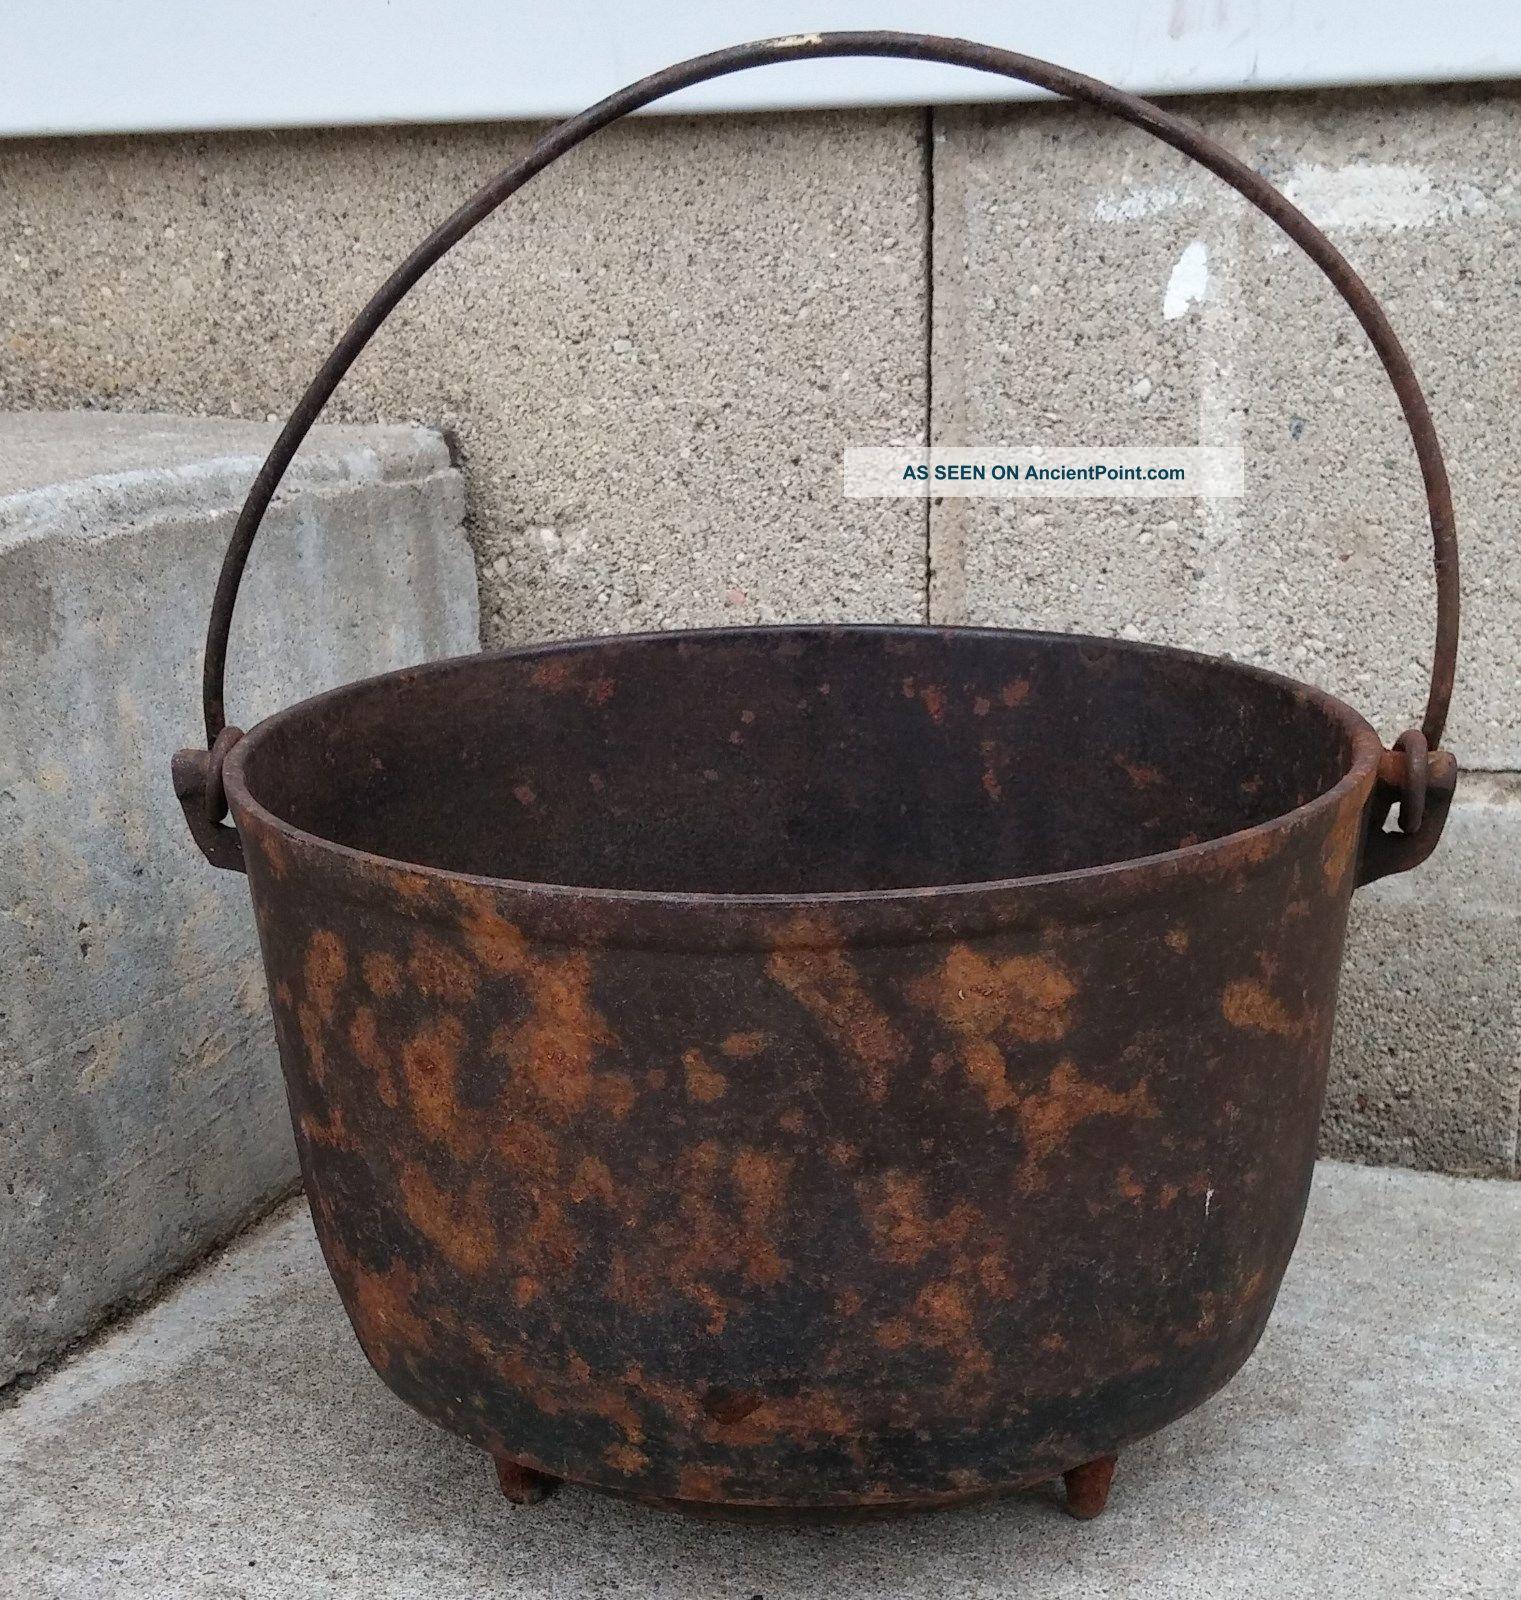 Antique Primitive Cast Iron Favorite Piqua Ware 8 Footed Pot Cauldron Planter Hearth Ware photo